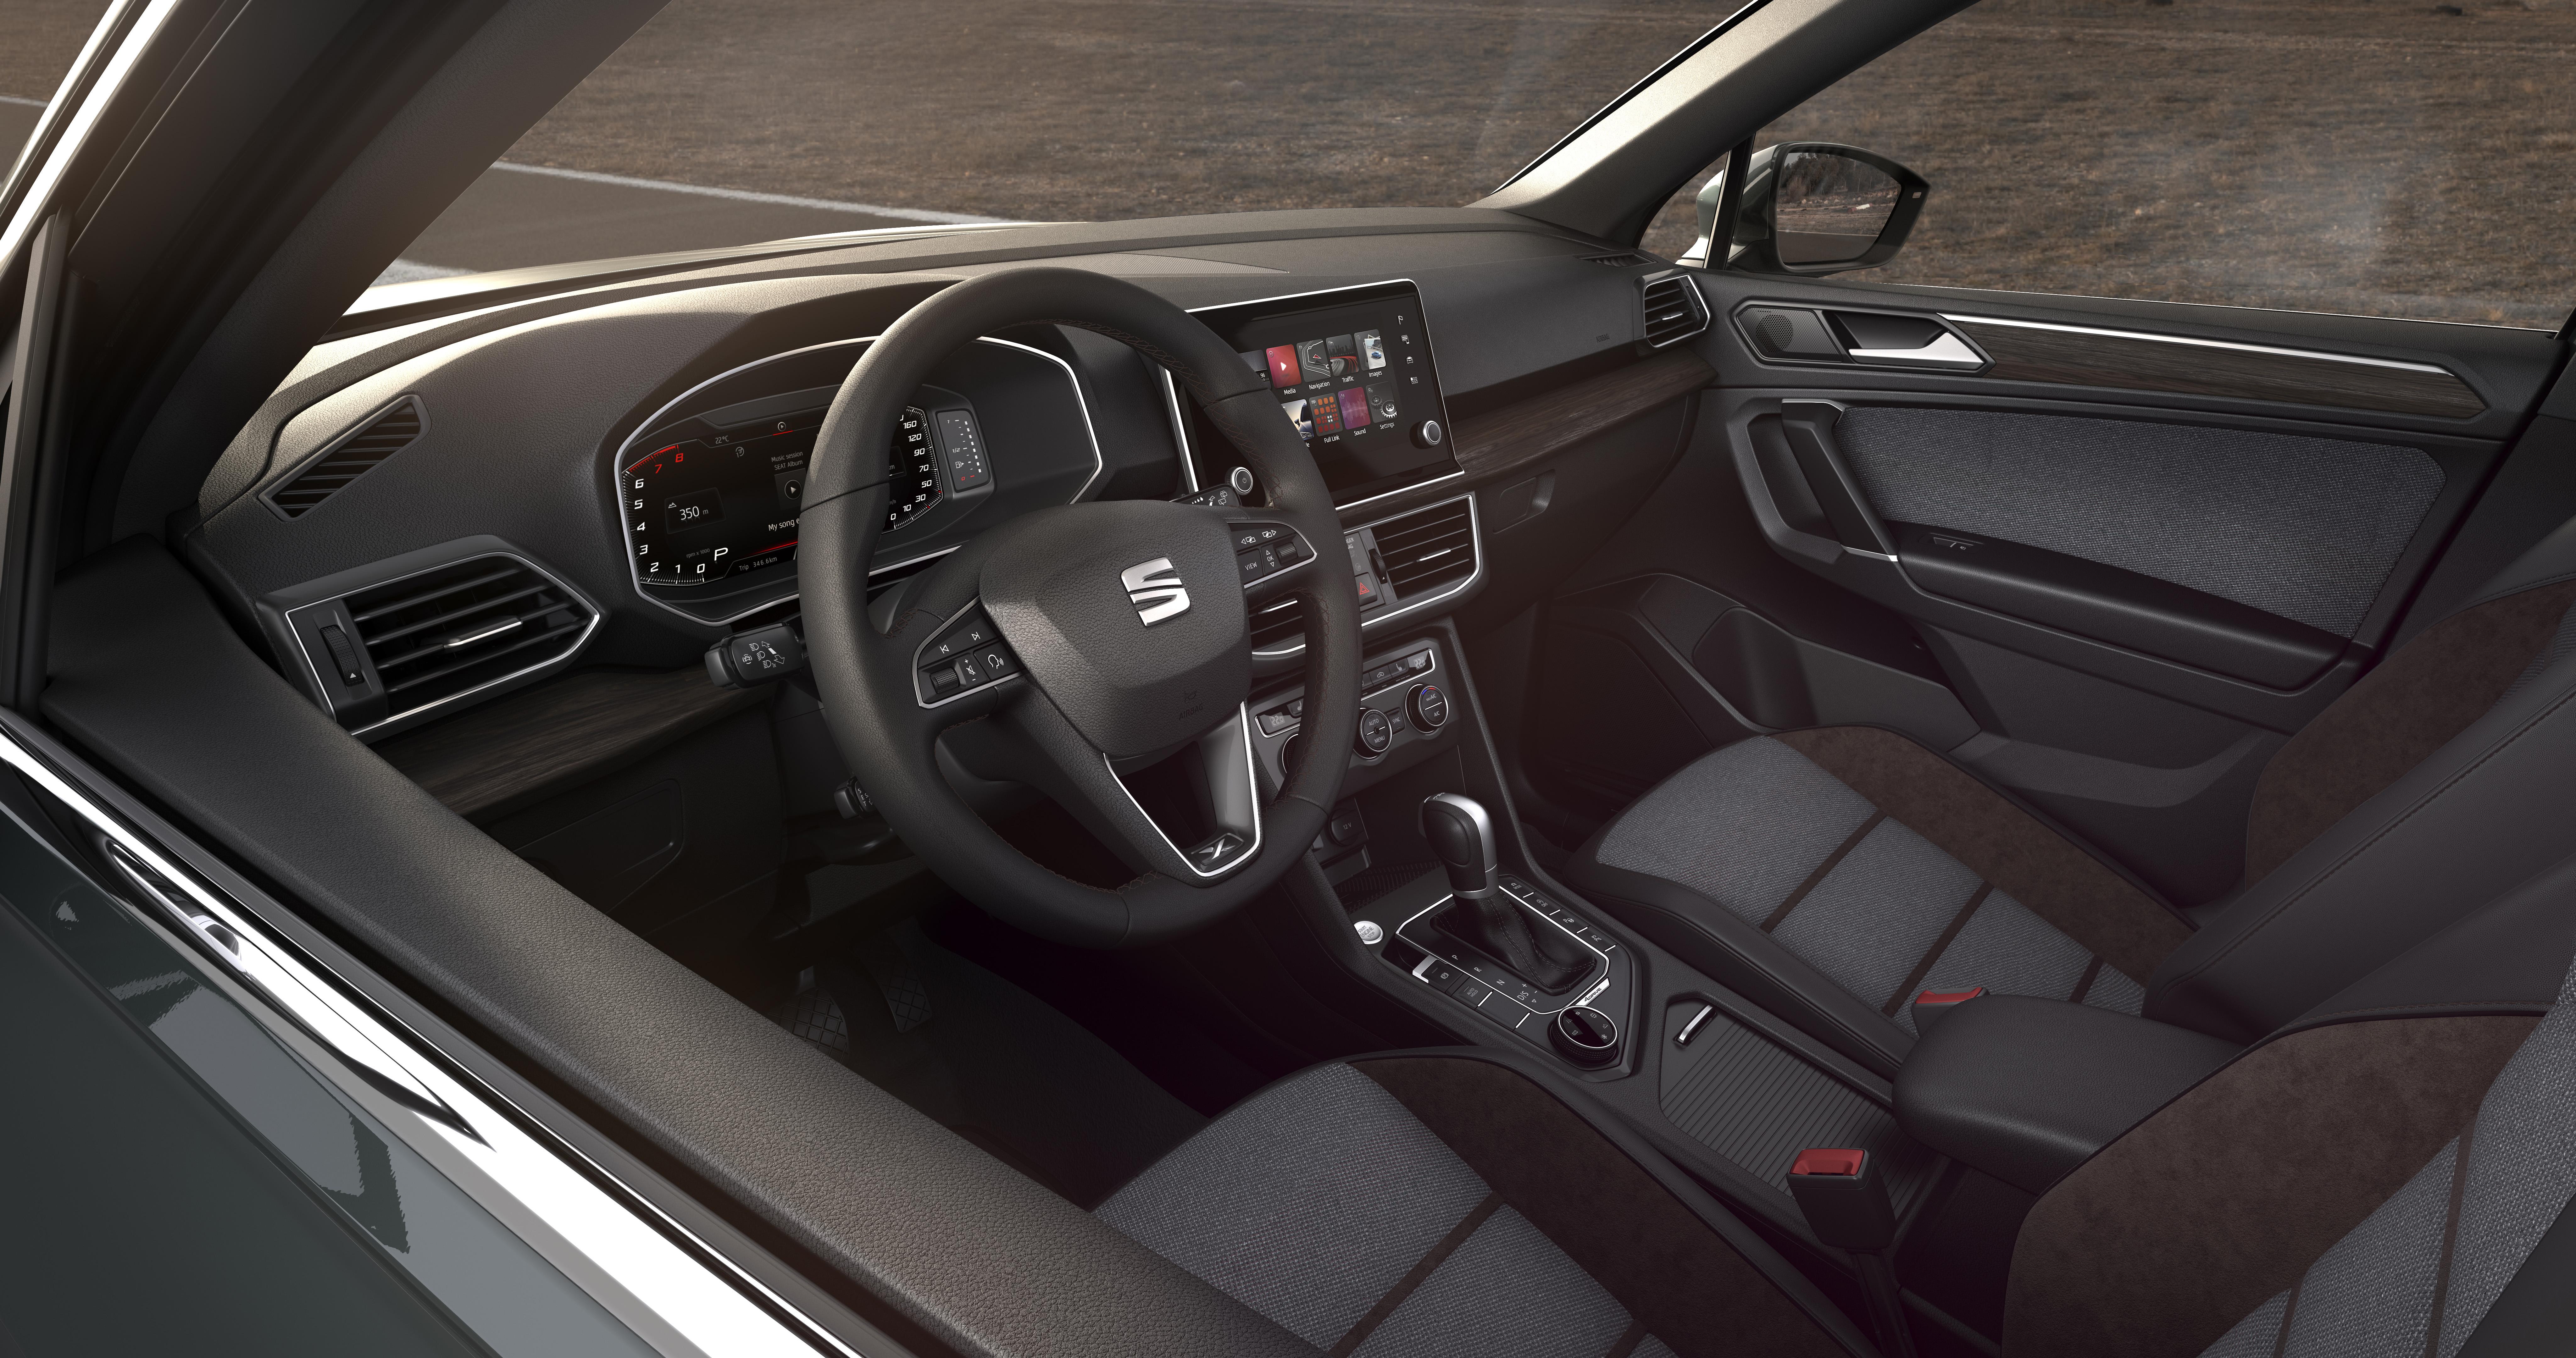 Πανέμορφο και το εσωτερικό του SEAT Tarraco